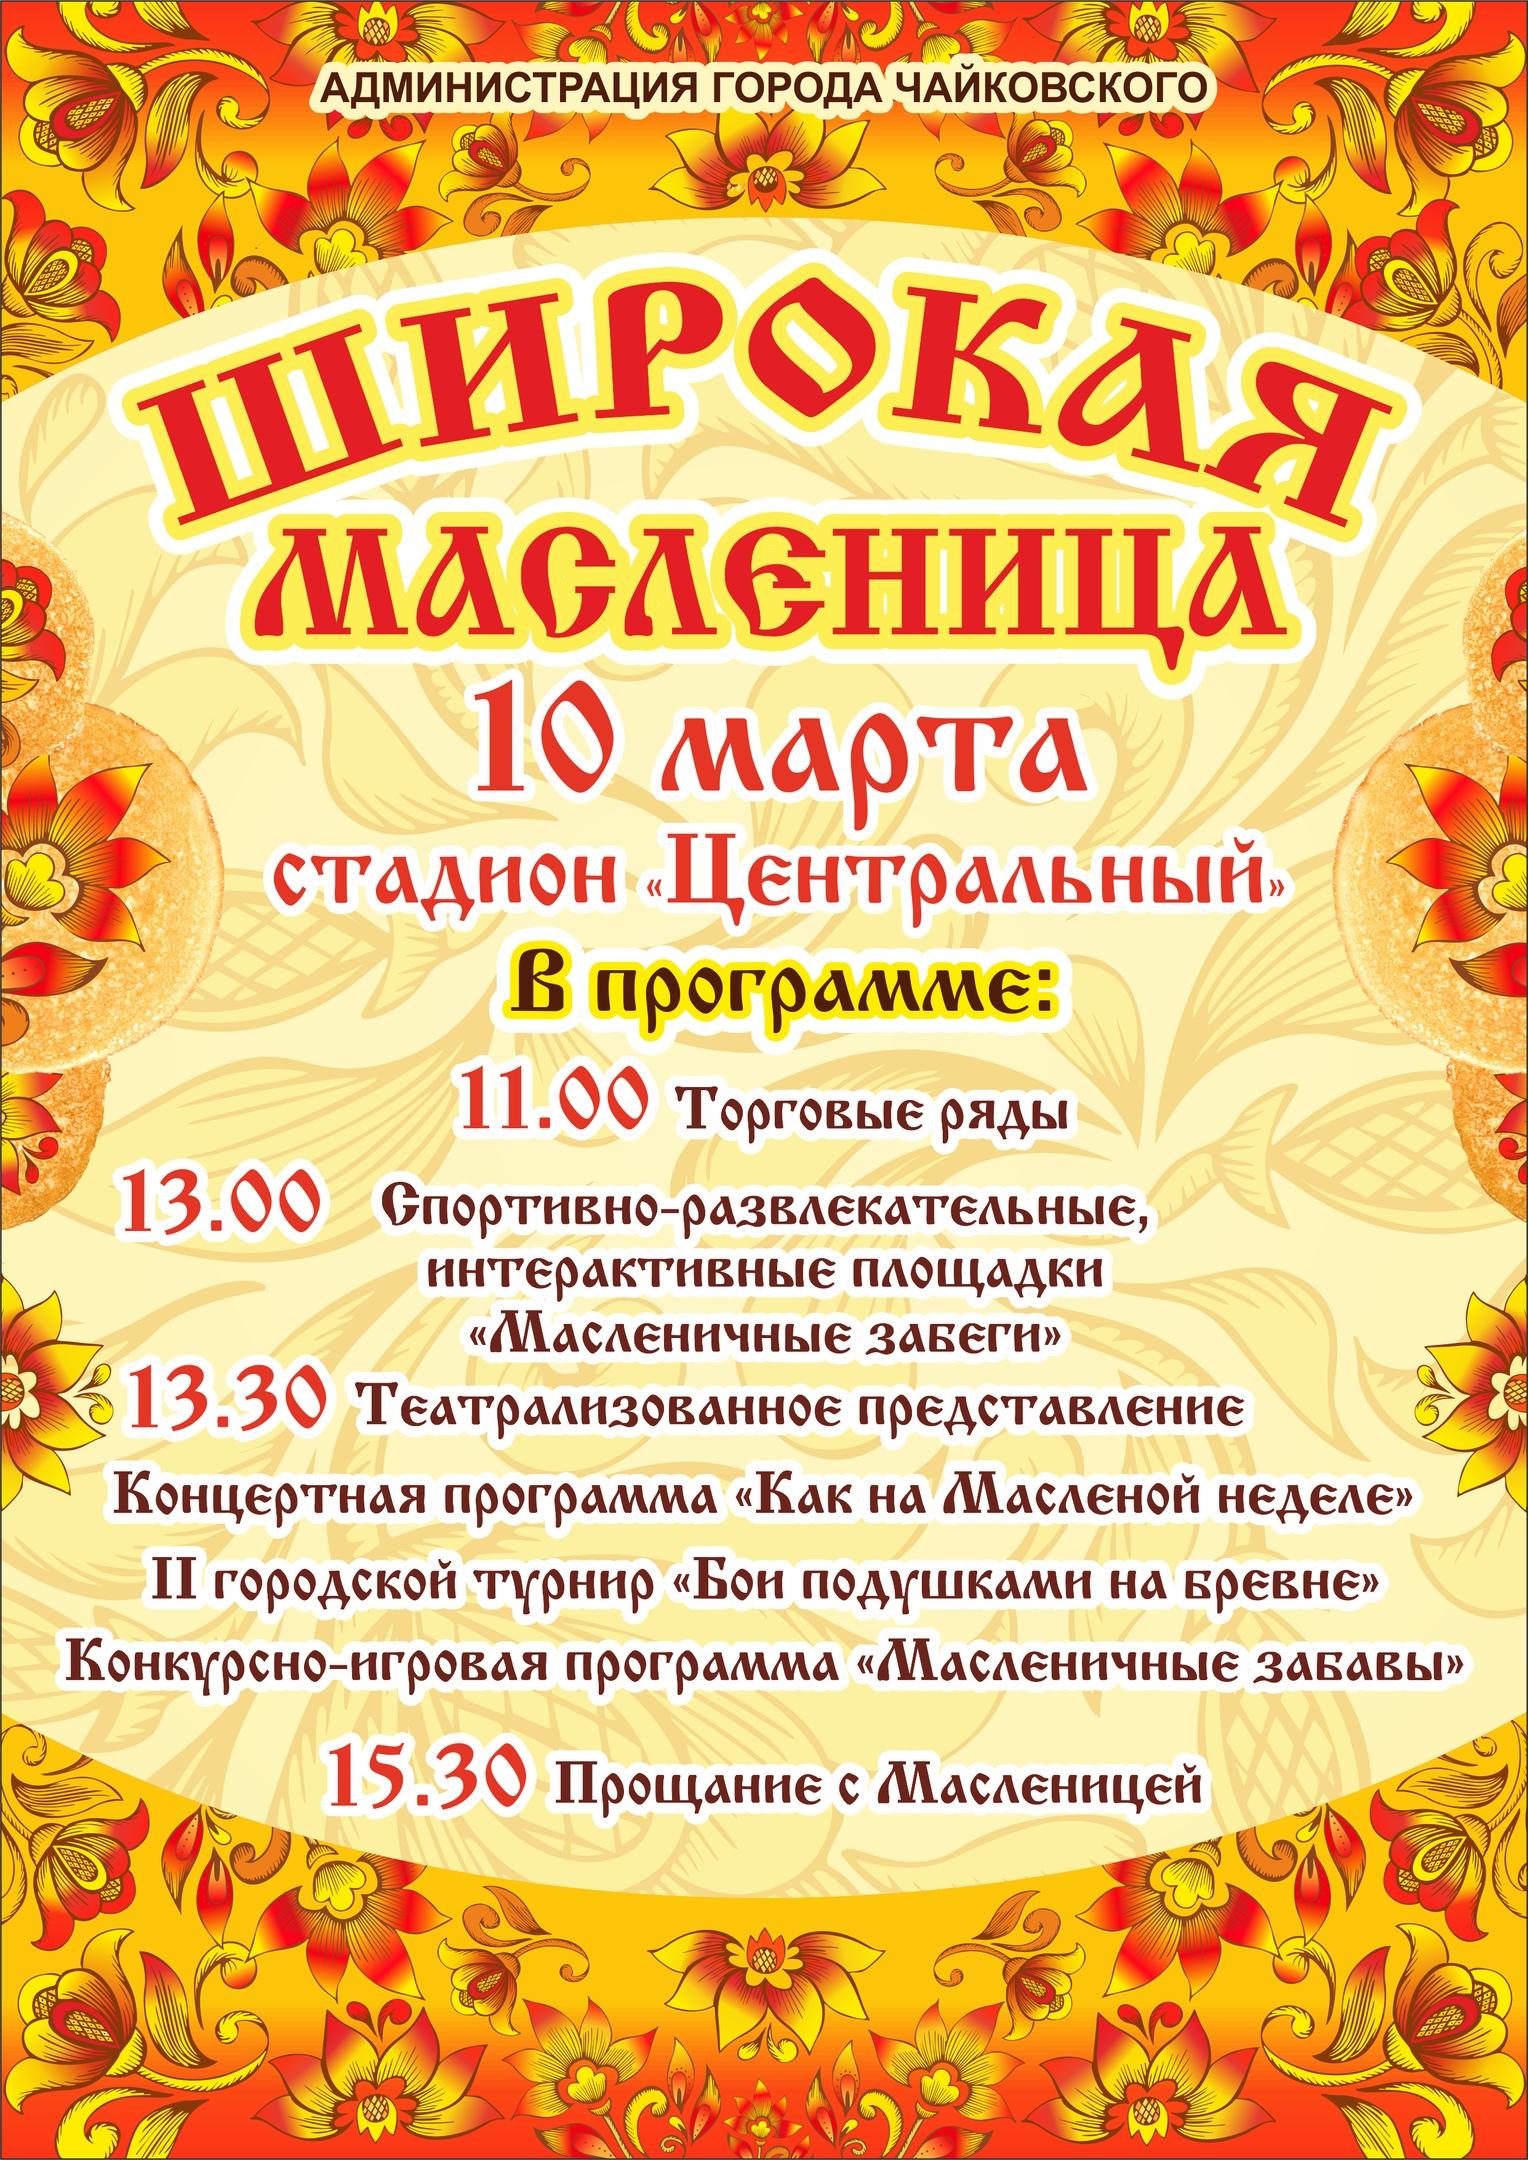 афиша, масленица, чайковский, 2019